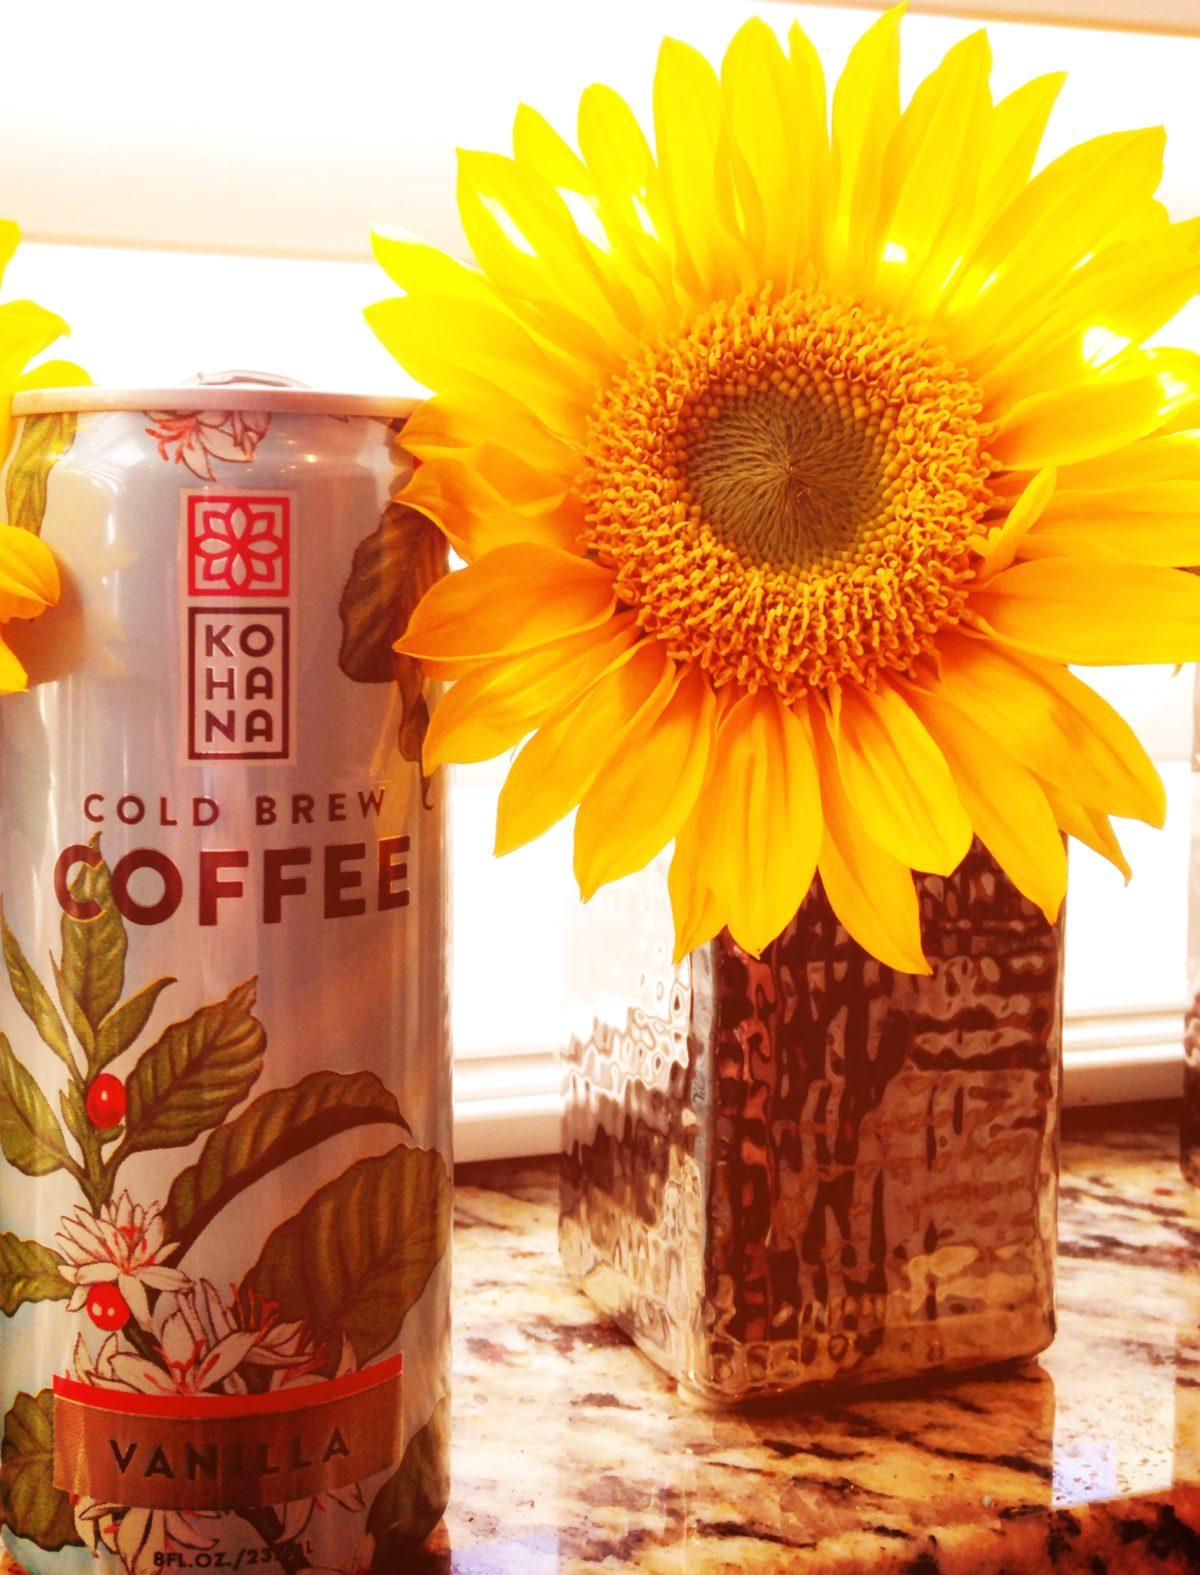 Kohana Coffee Cold Brew